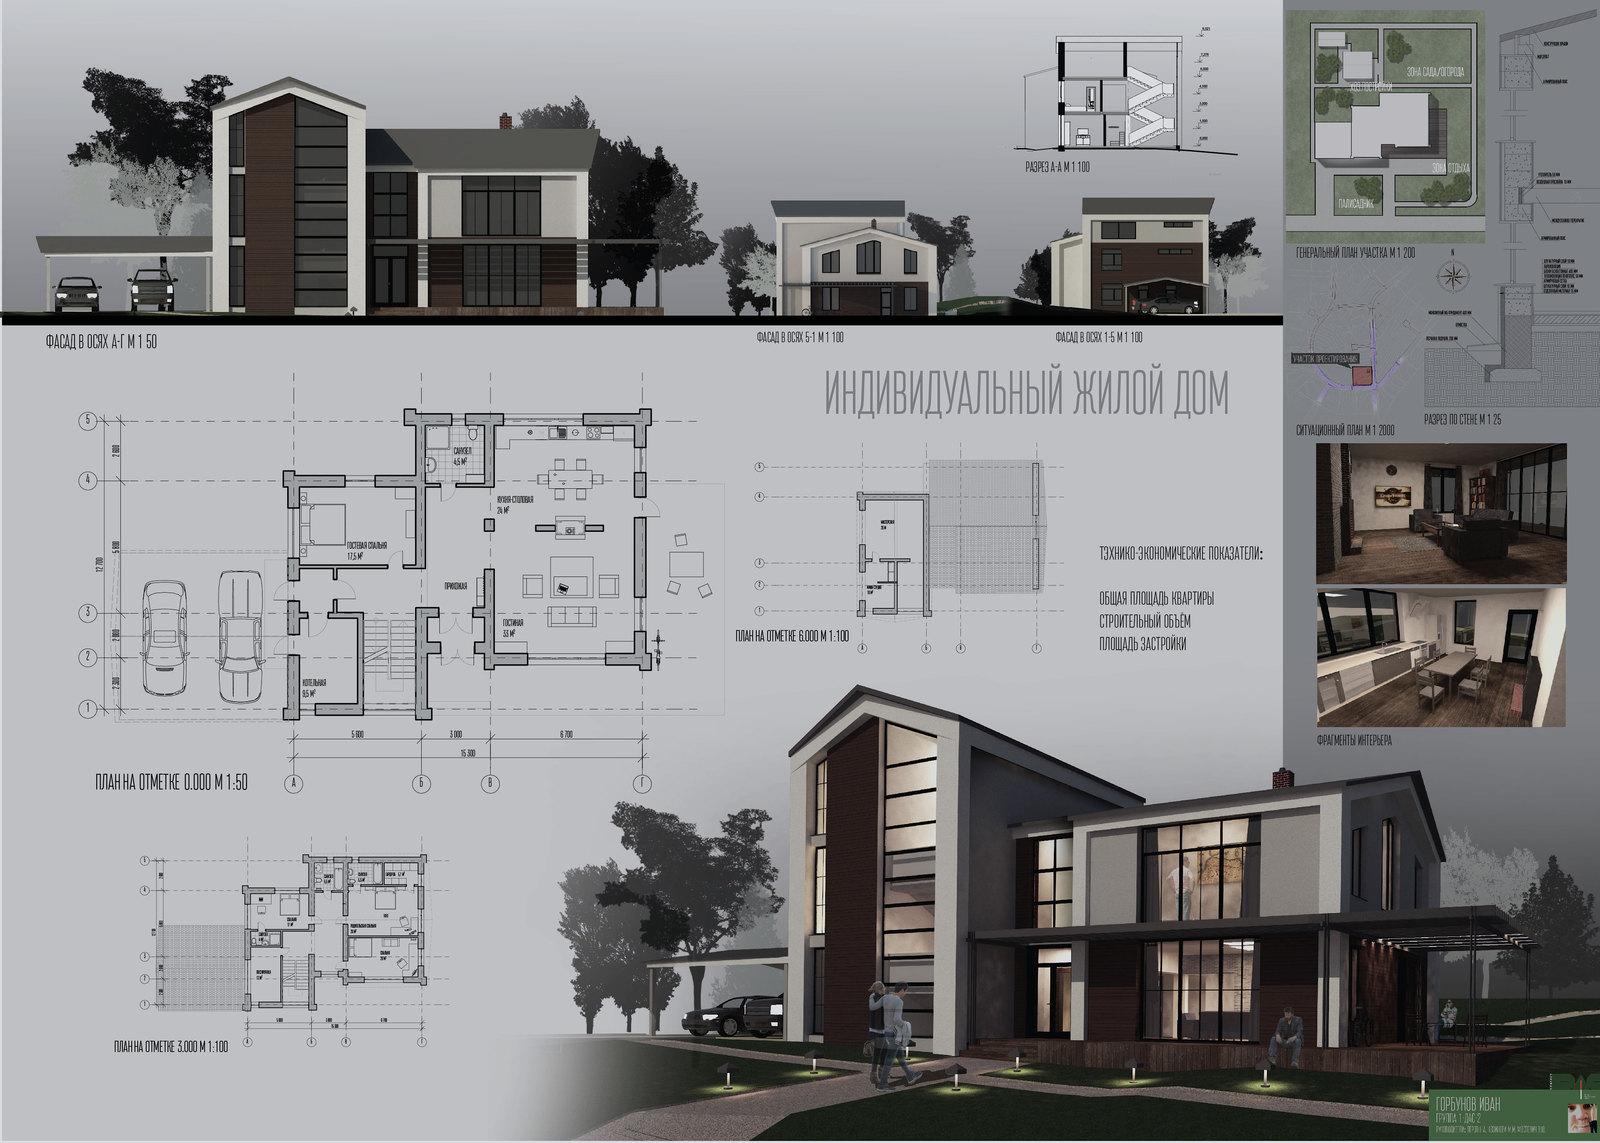 Проектик Проектик архитектура проект жилой дом спбгасу